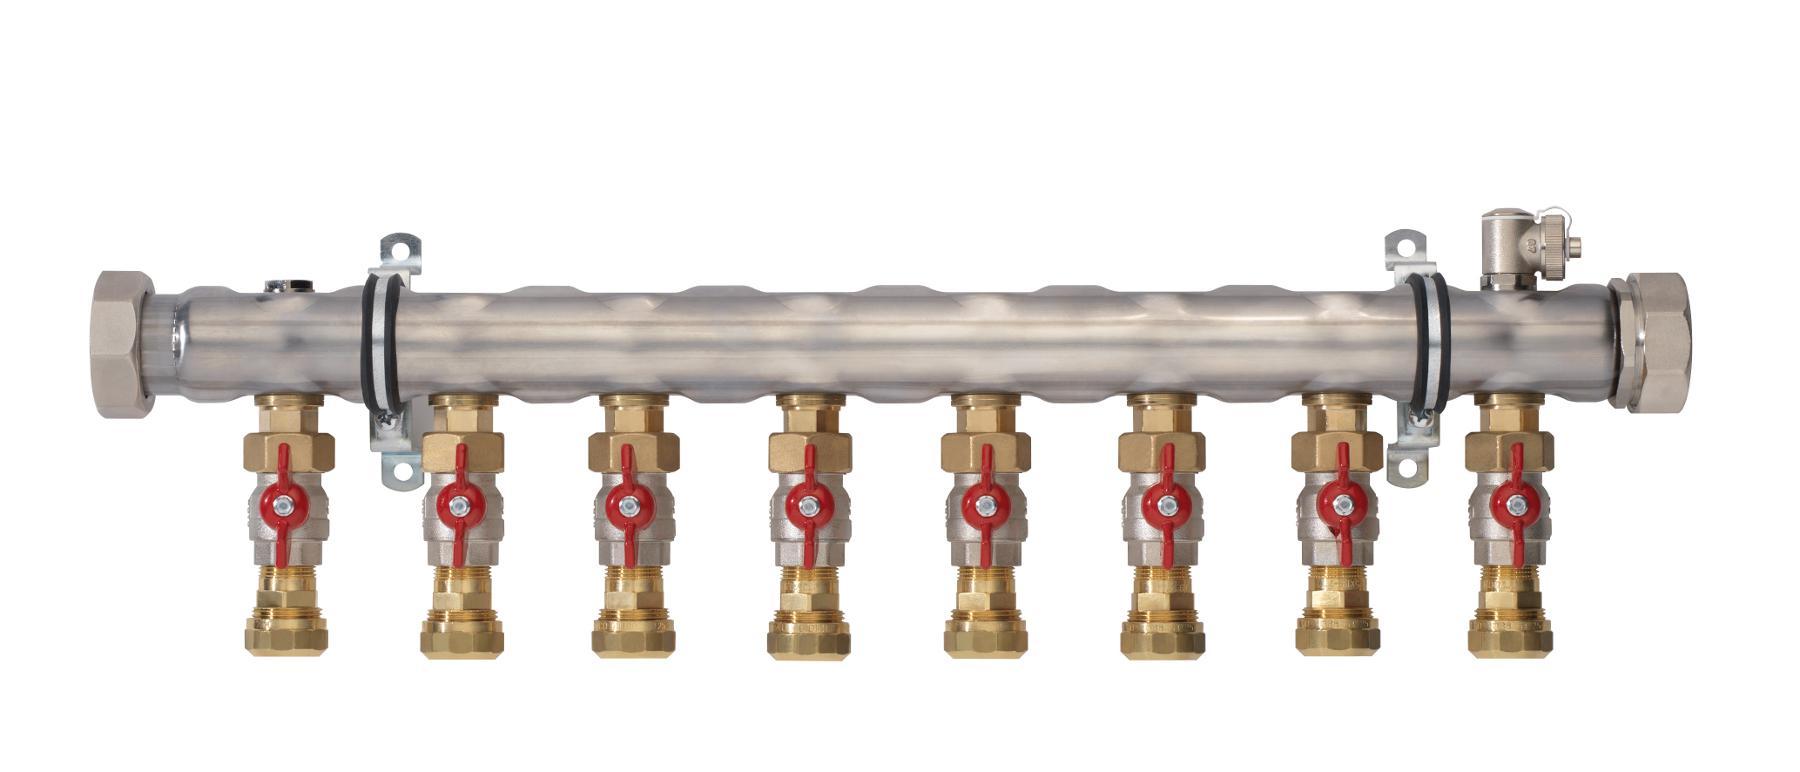 Промышленный коллектор с регулирующими вентилями на 4 контура